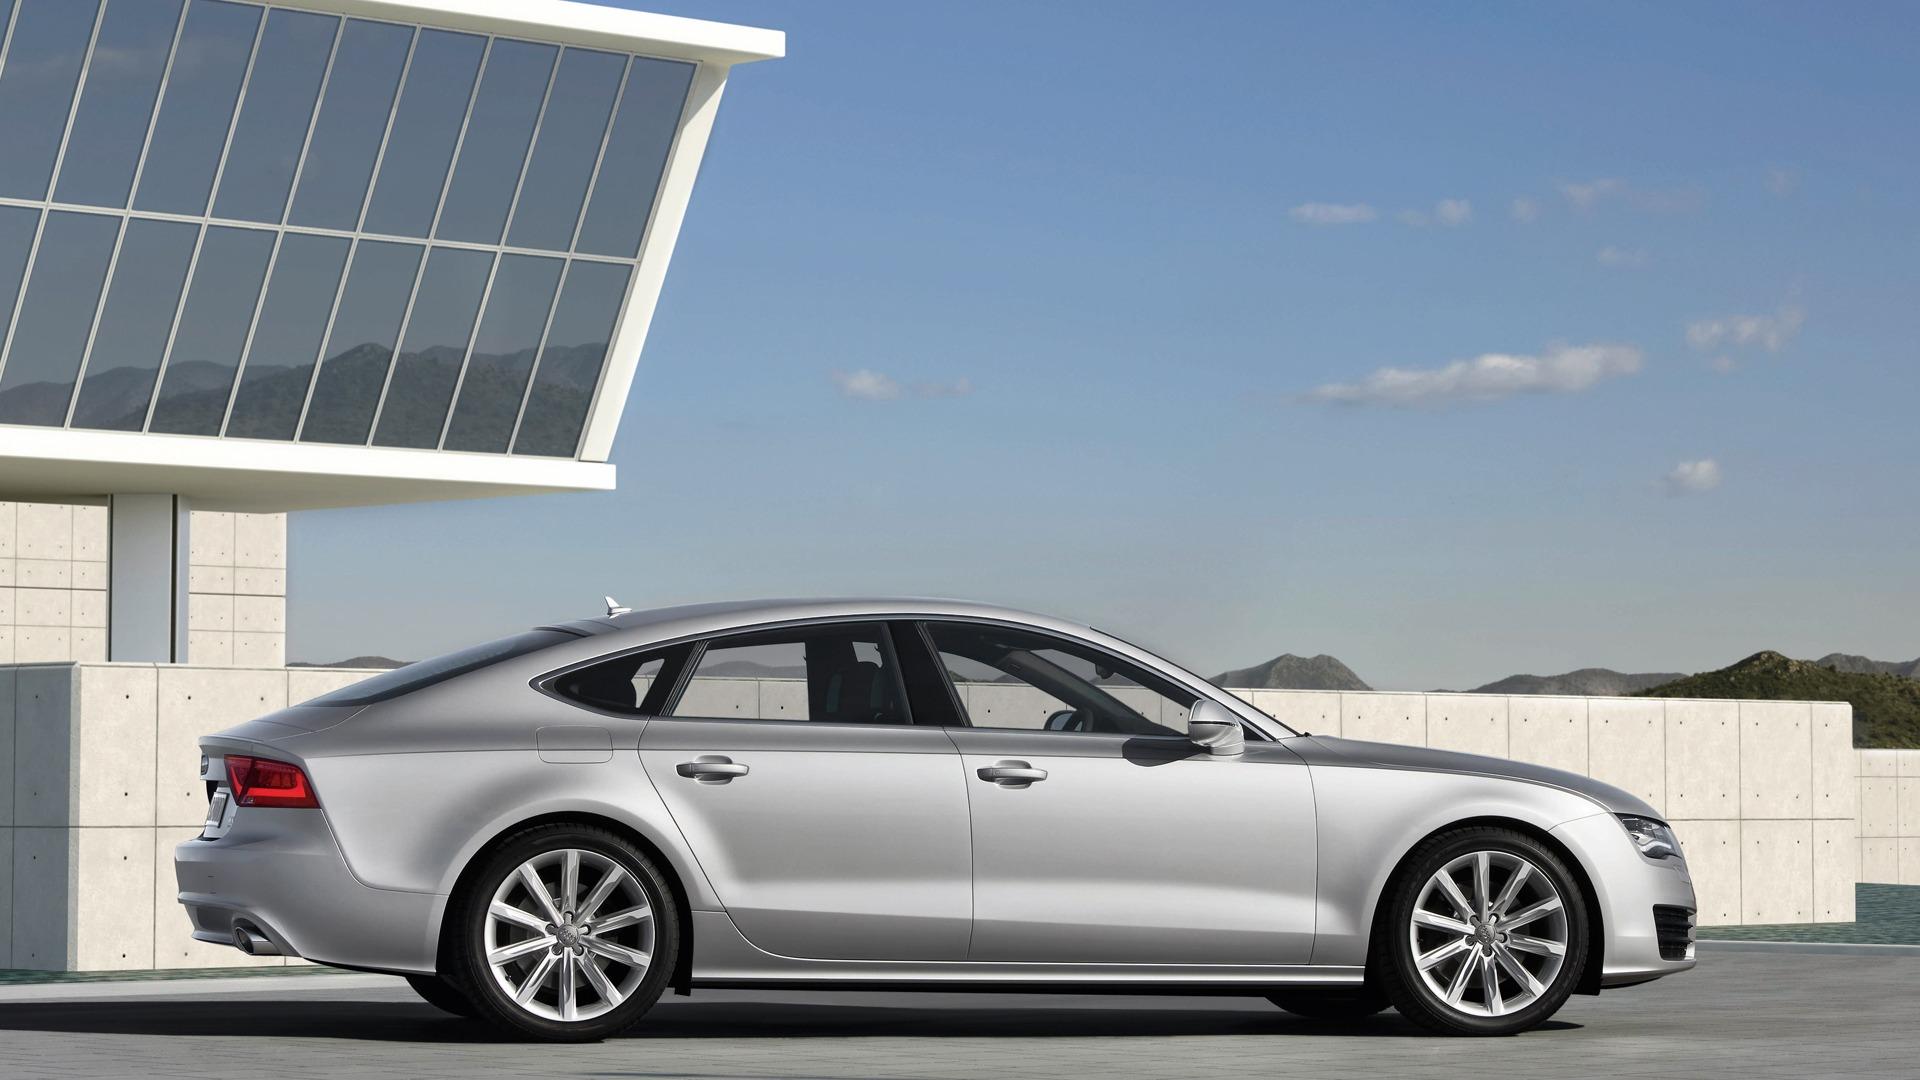 Audi A7 Sportback 3.0 TDI quattro - 2010 HD Wallpaper #9 - 1920x1080 ...